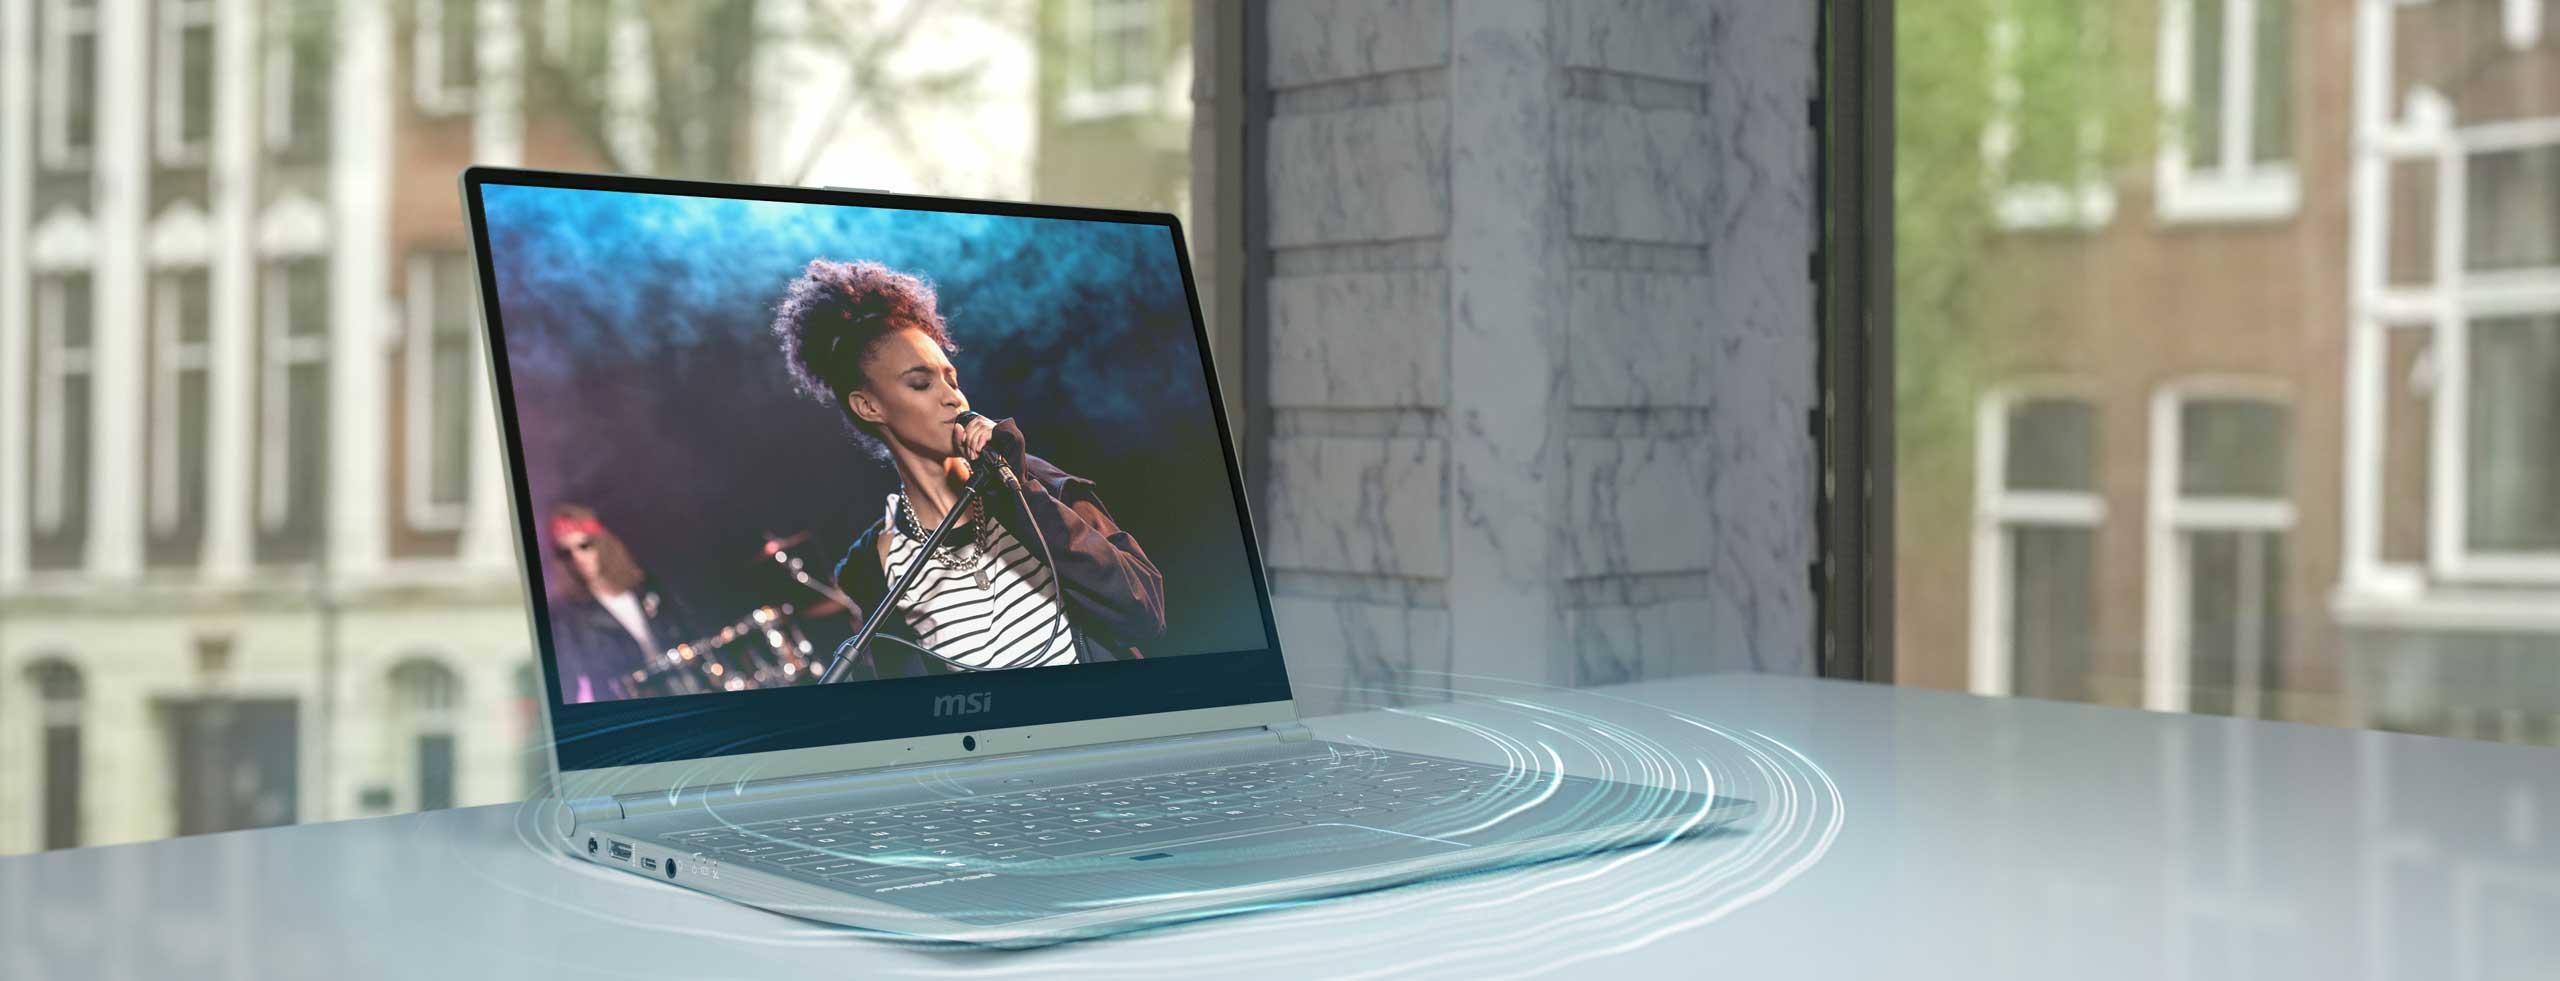 PS42, il laptop elegante per professionisti